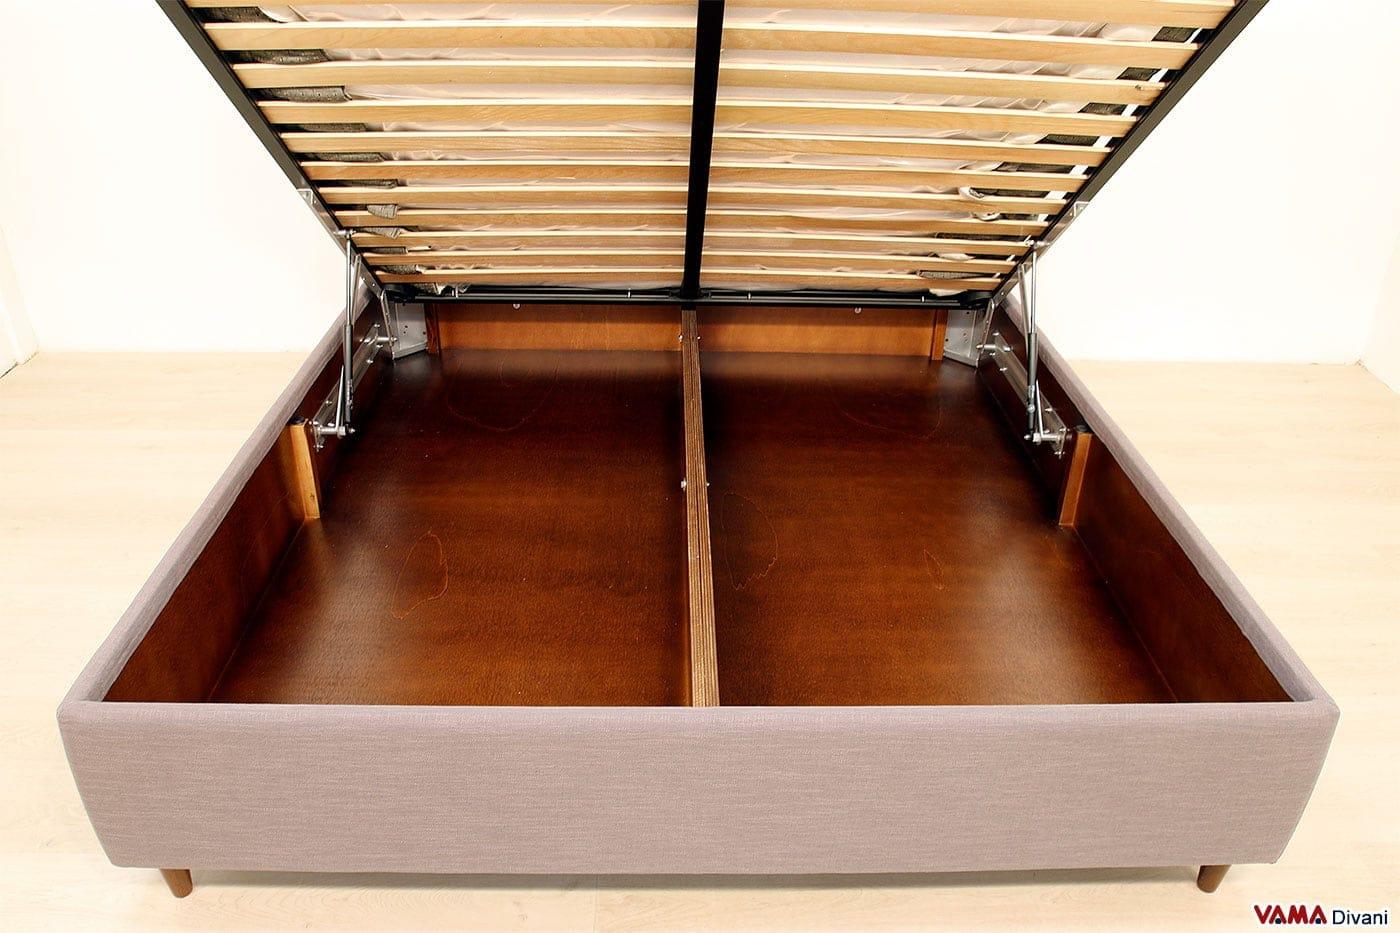 Letto con contenitore resistente in legno verniciato